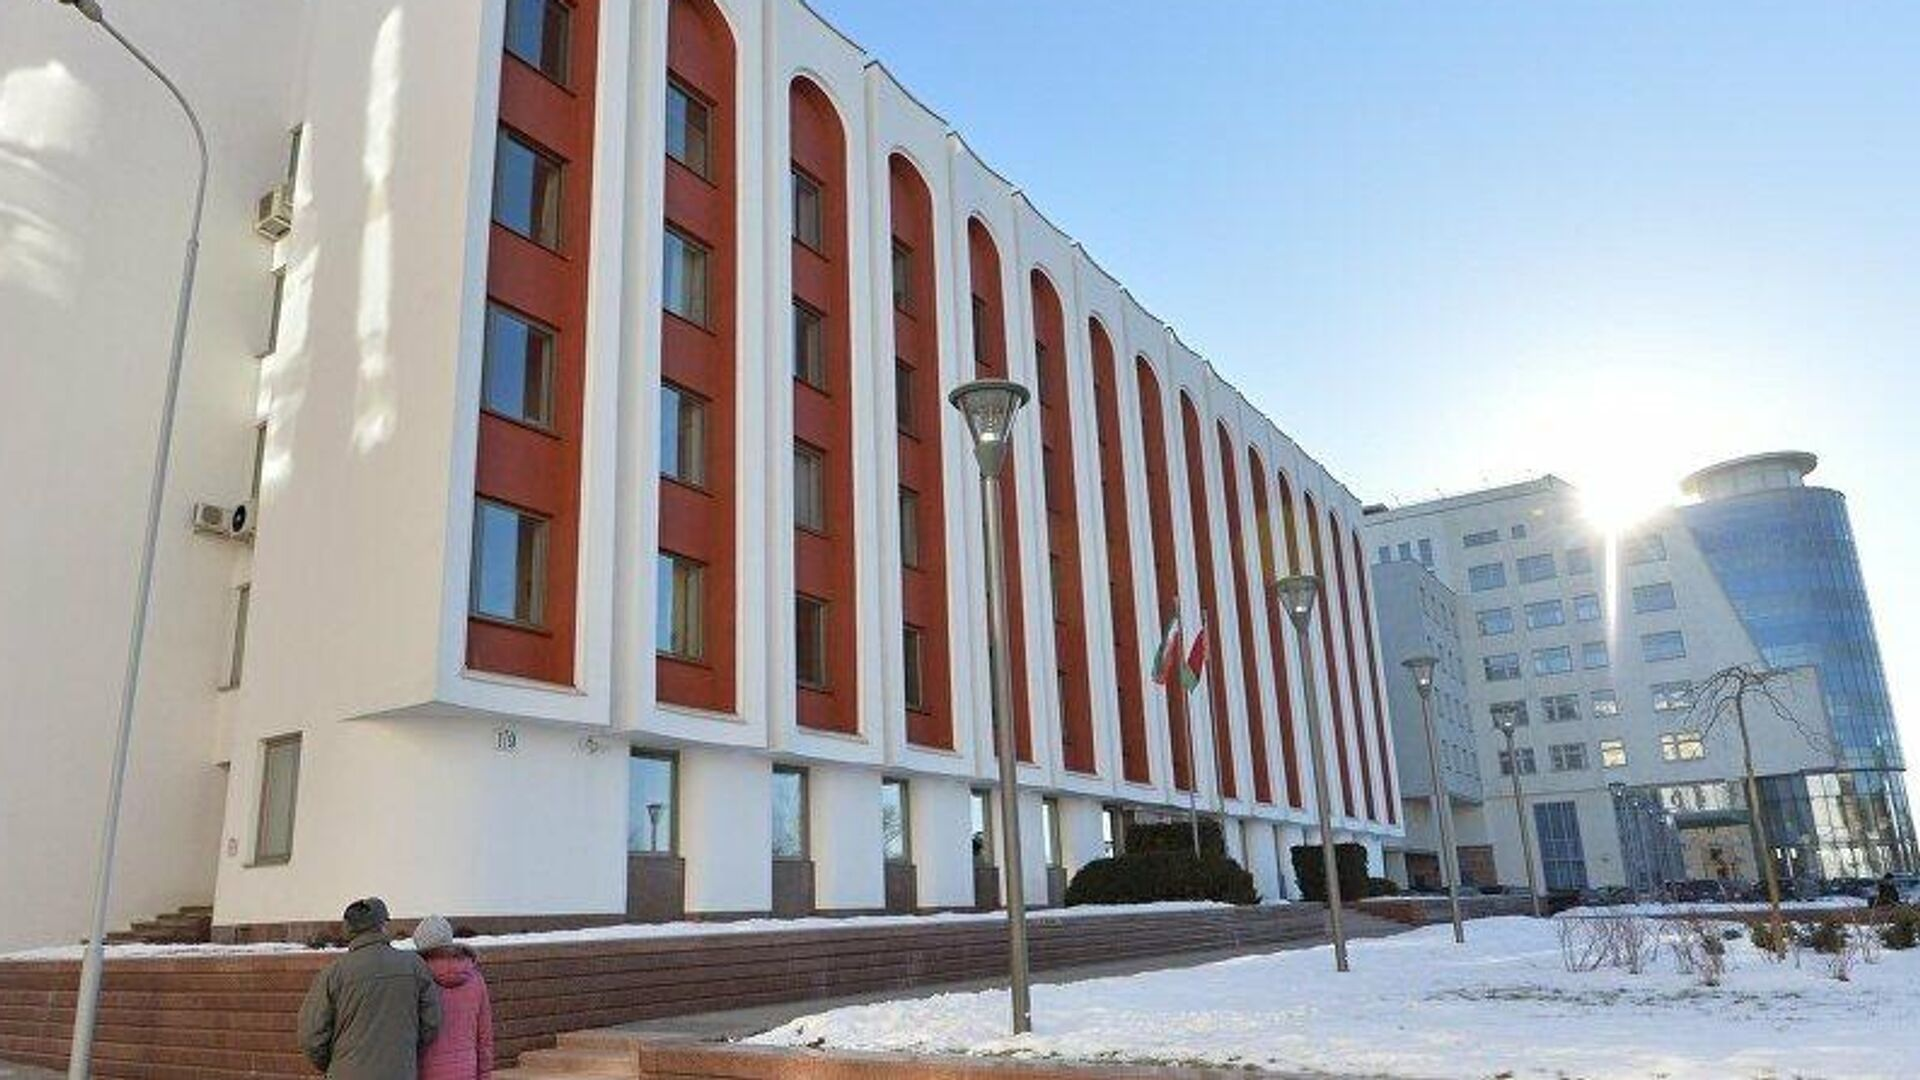 Здание Министерства иностранных дел Белоруссии - РИА Новости, 1920, 22.06.2021